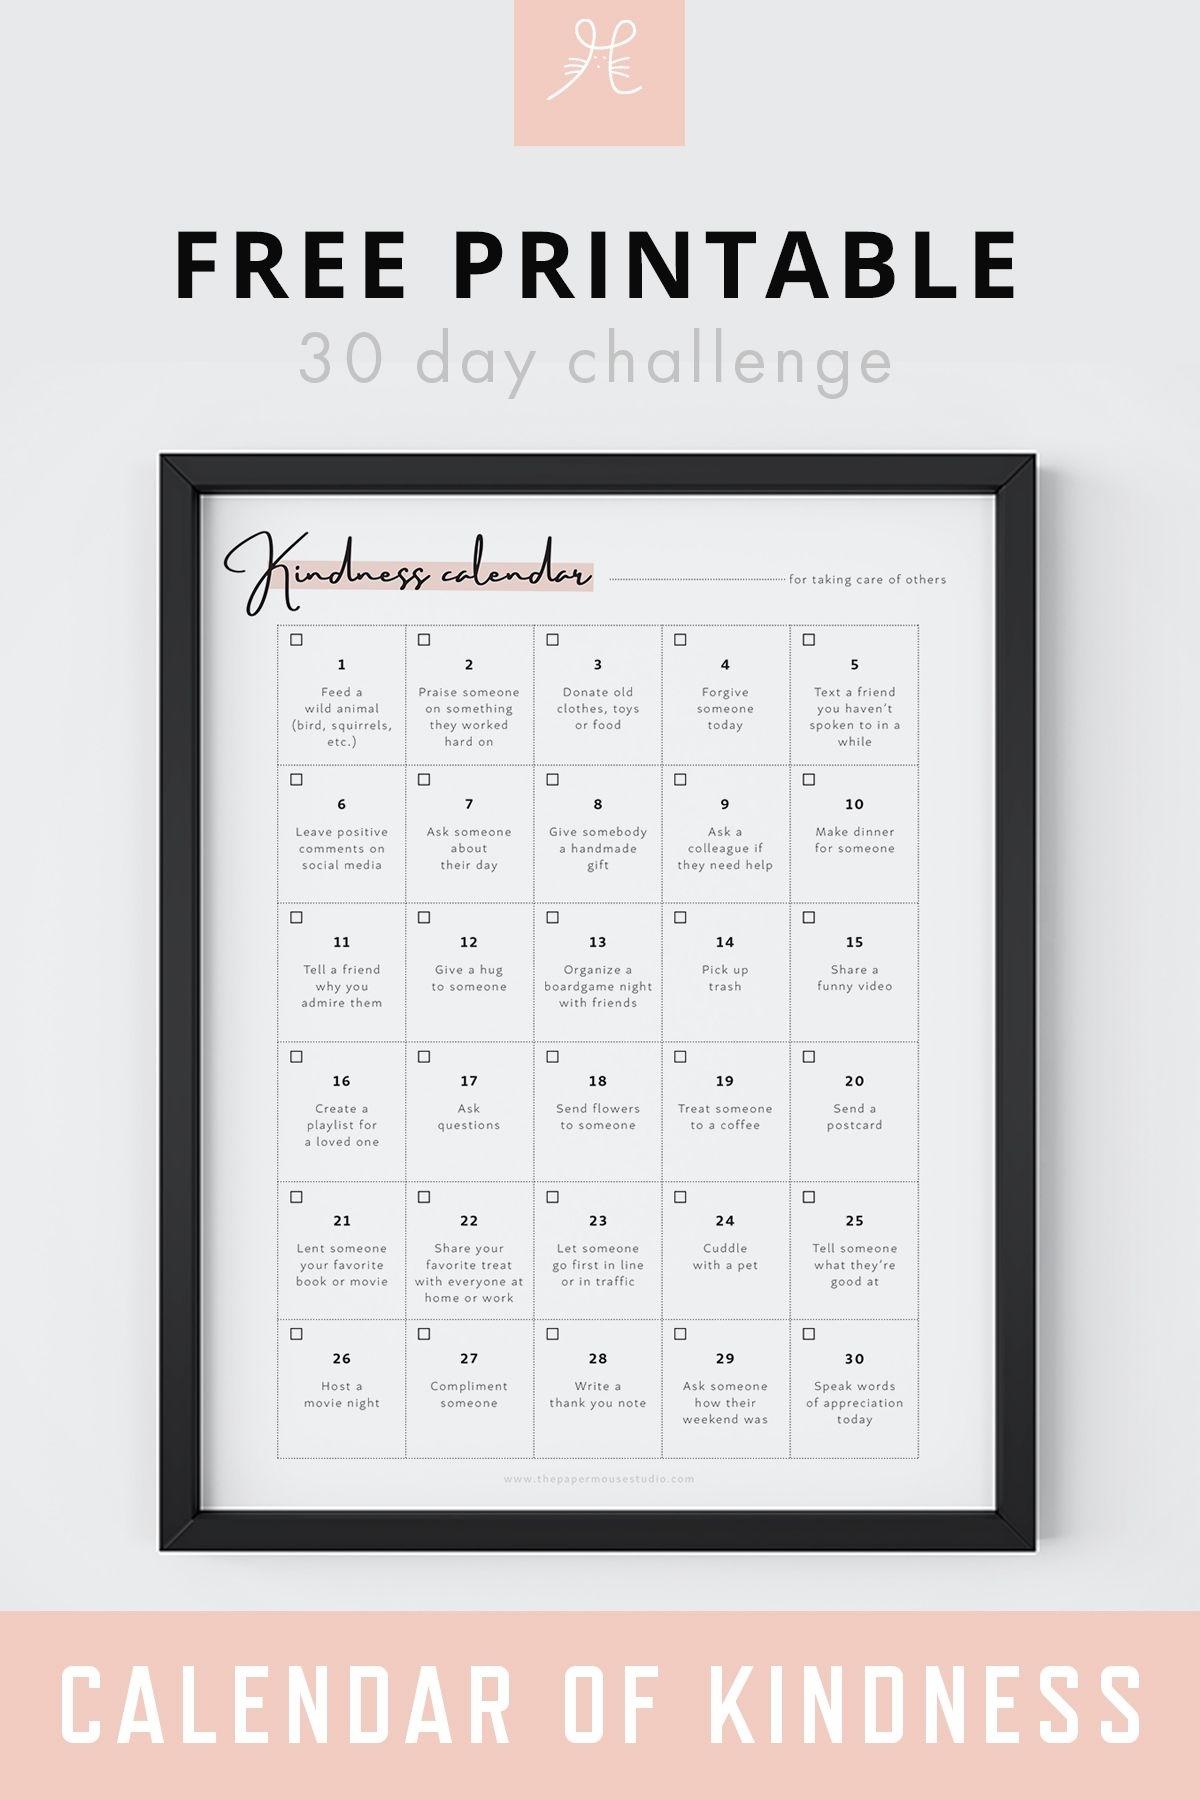 Free Printable 30 Day Challenge Calendar Of Kindness | Selflove Printable Calendar | #